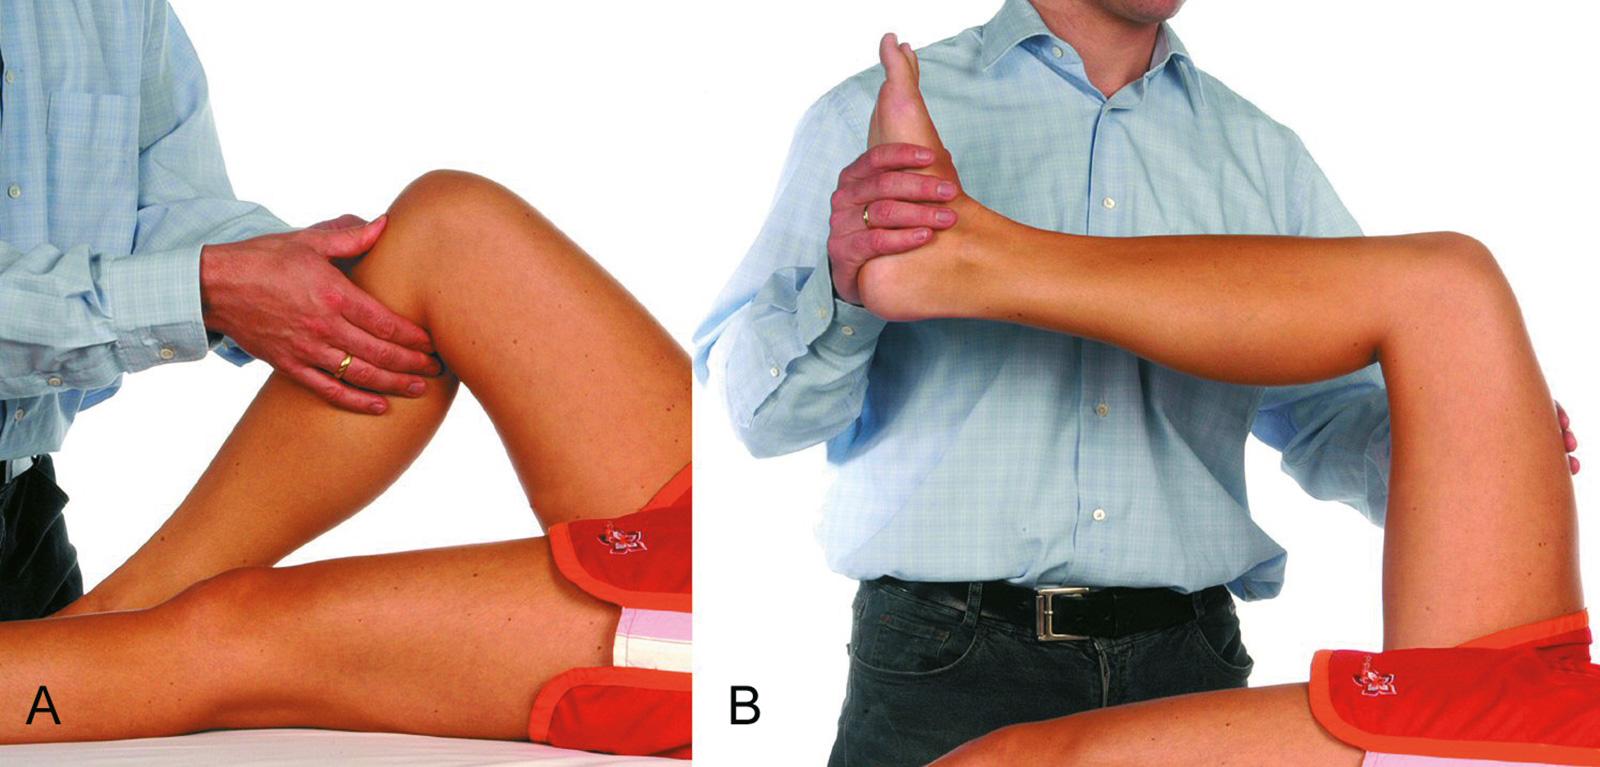 Abb. 2-46: Klinische Untersuchung einer hinteren Kreuzbandruptur: hintere Schublade (A) und Quadrizepstest (B)